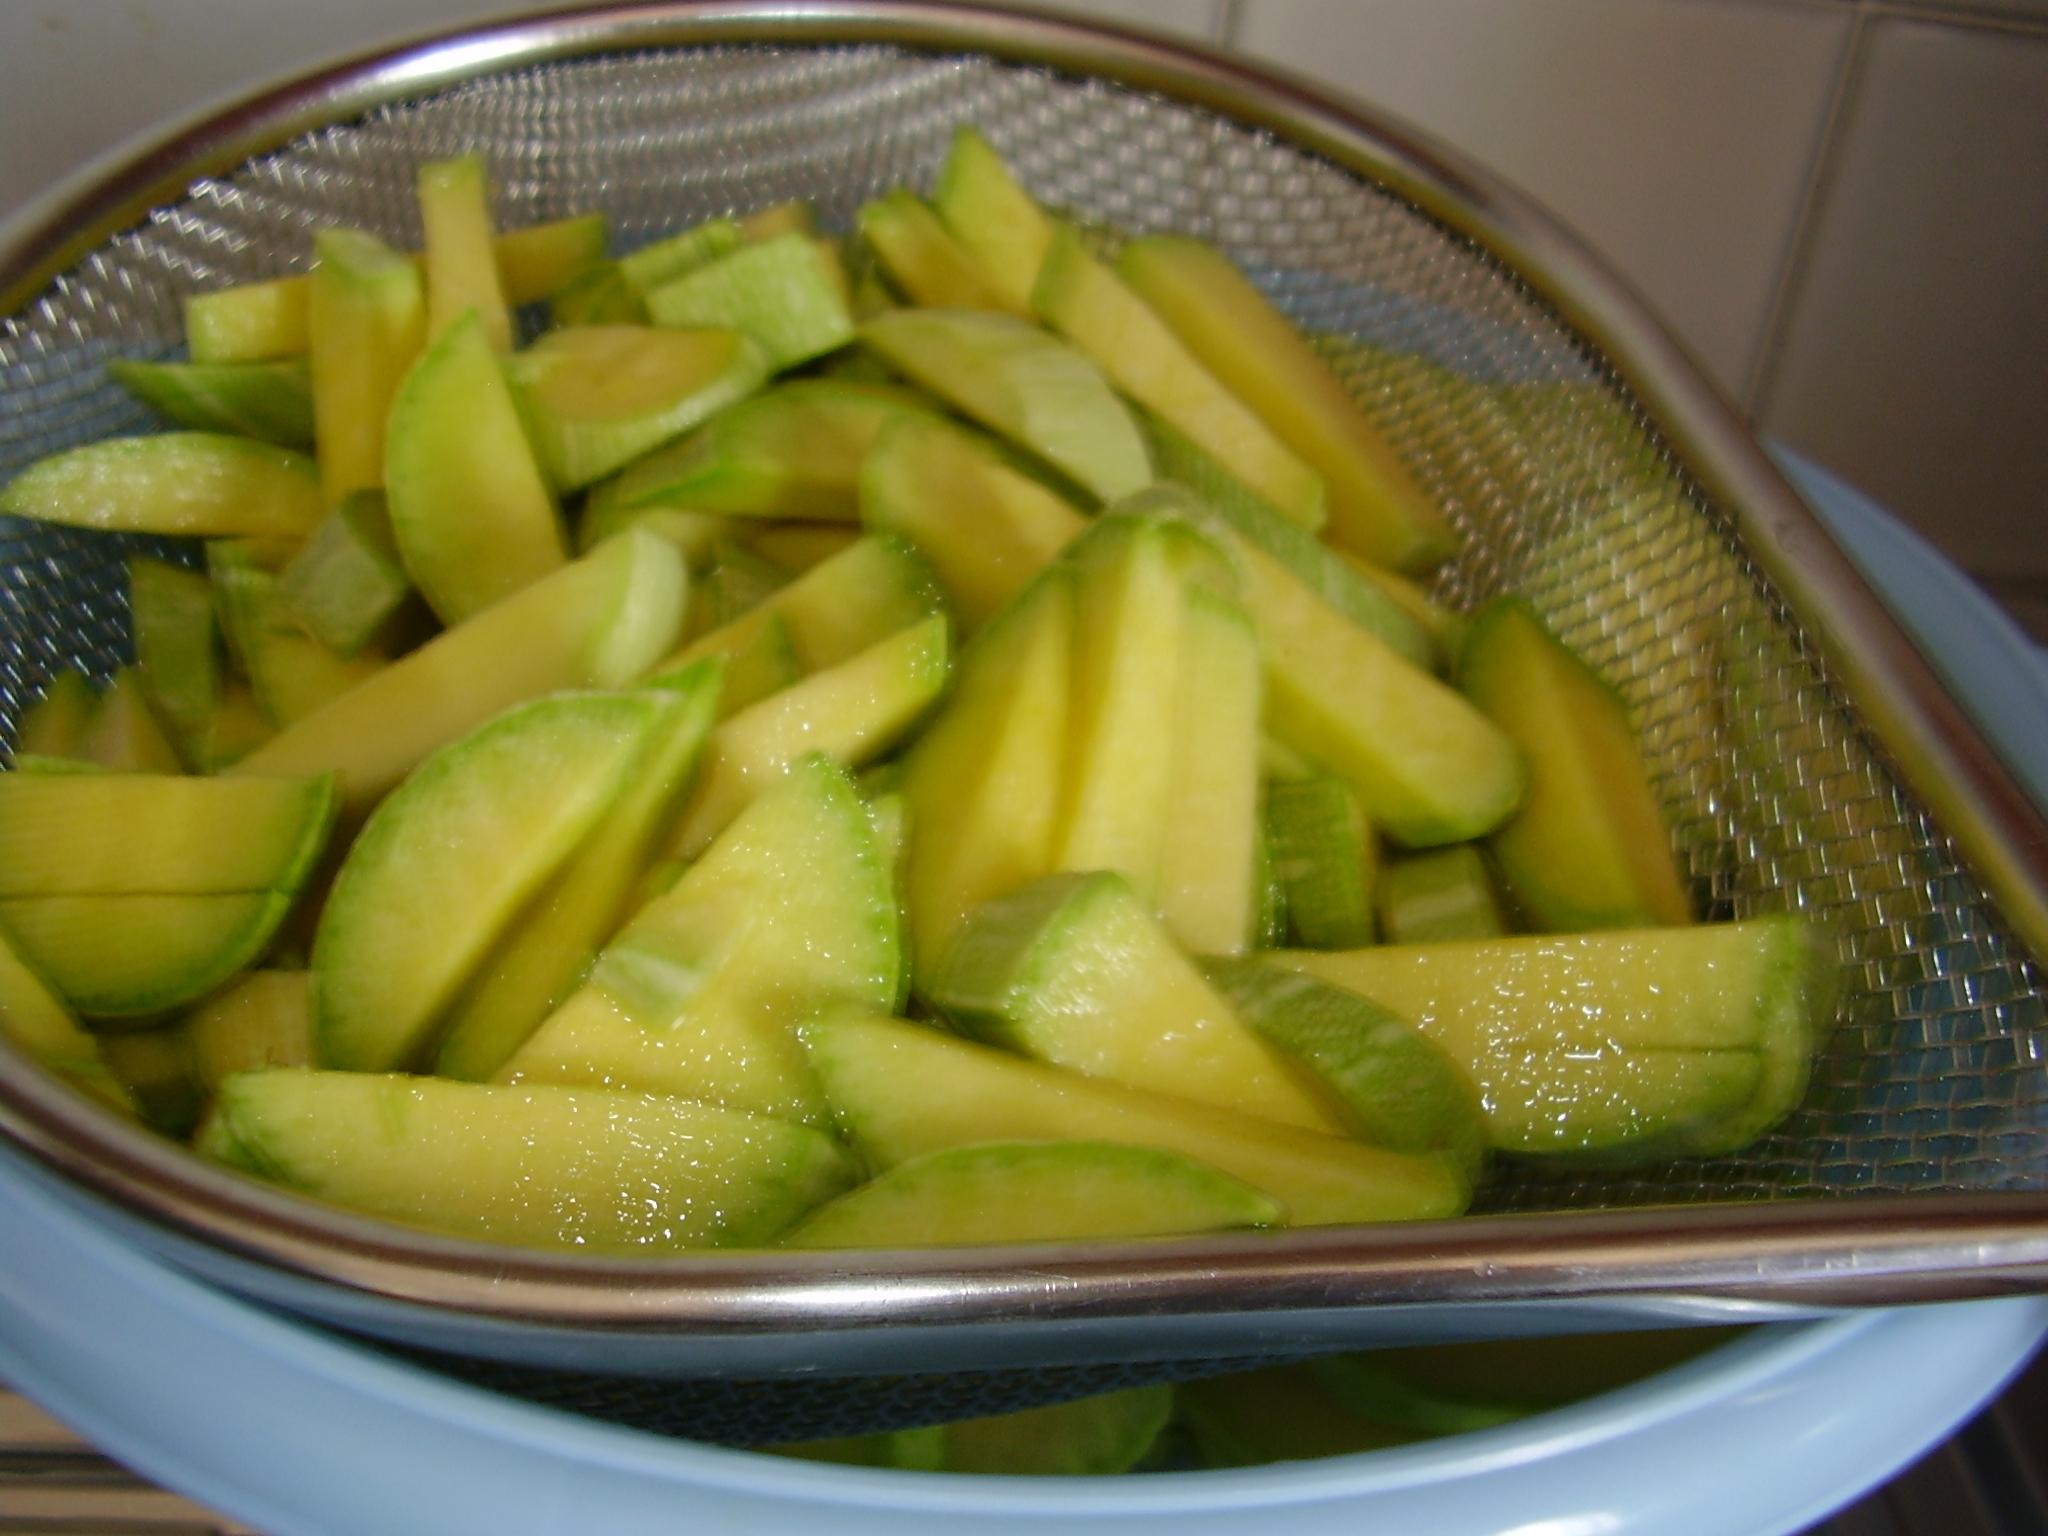 Rivestimento Antiaderente Una Rivoluzione : Zucchine in padella veloci sane e gustose da provare